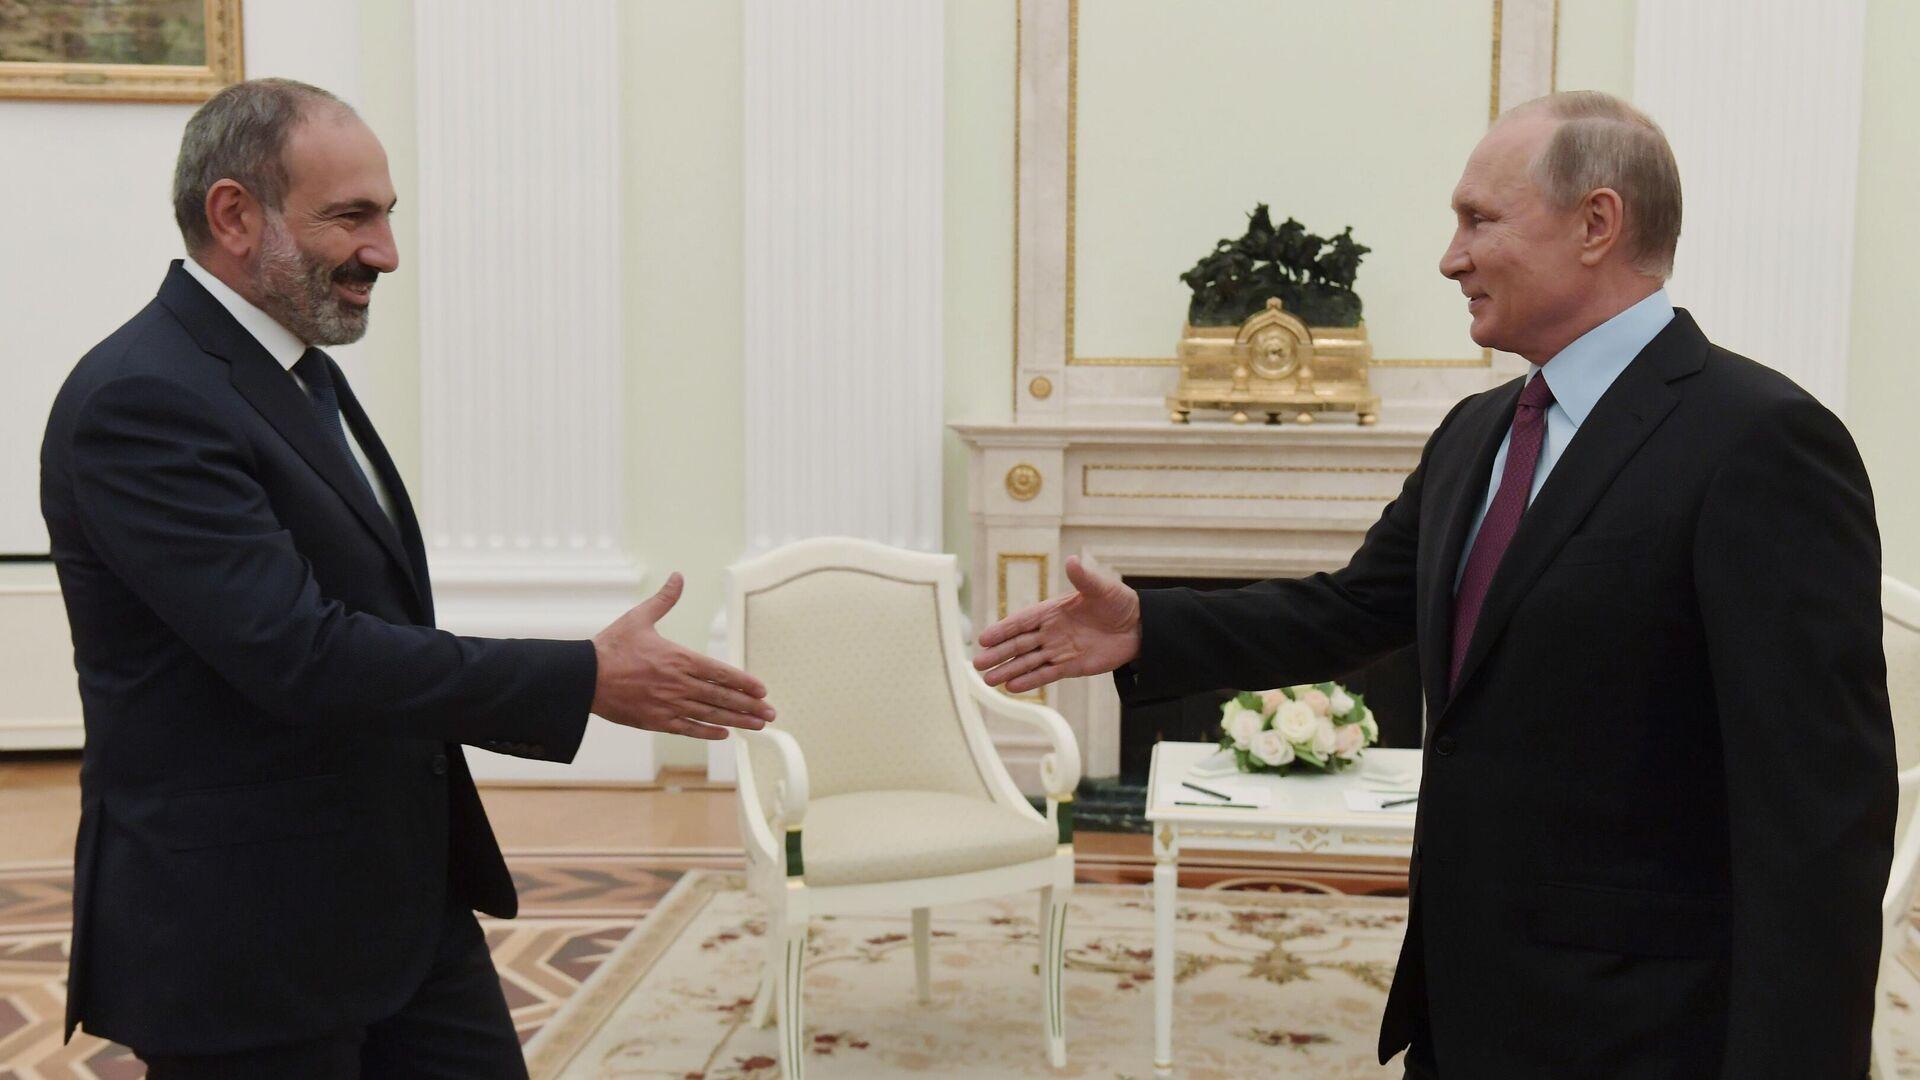 Президент РФ Владимир Путин и премьер-министр Армении Никол Пашинян во время встречи в Кремле - РИА Новости, 1920, 02.08.2021